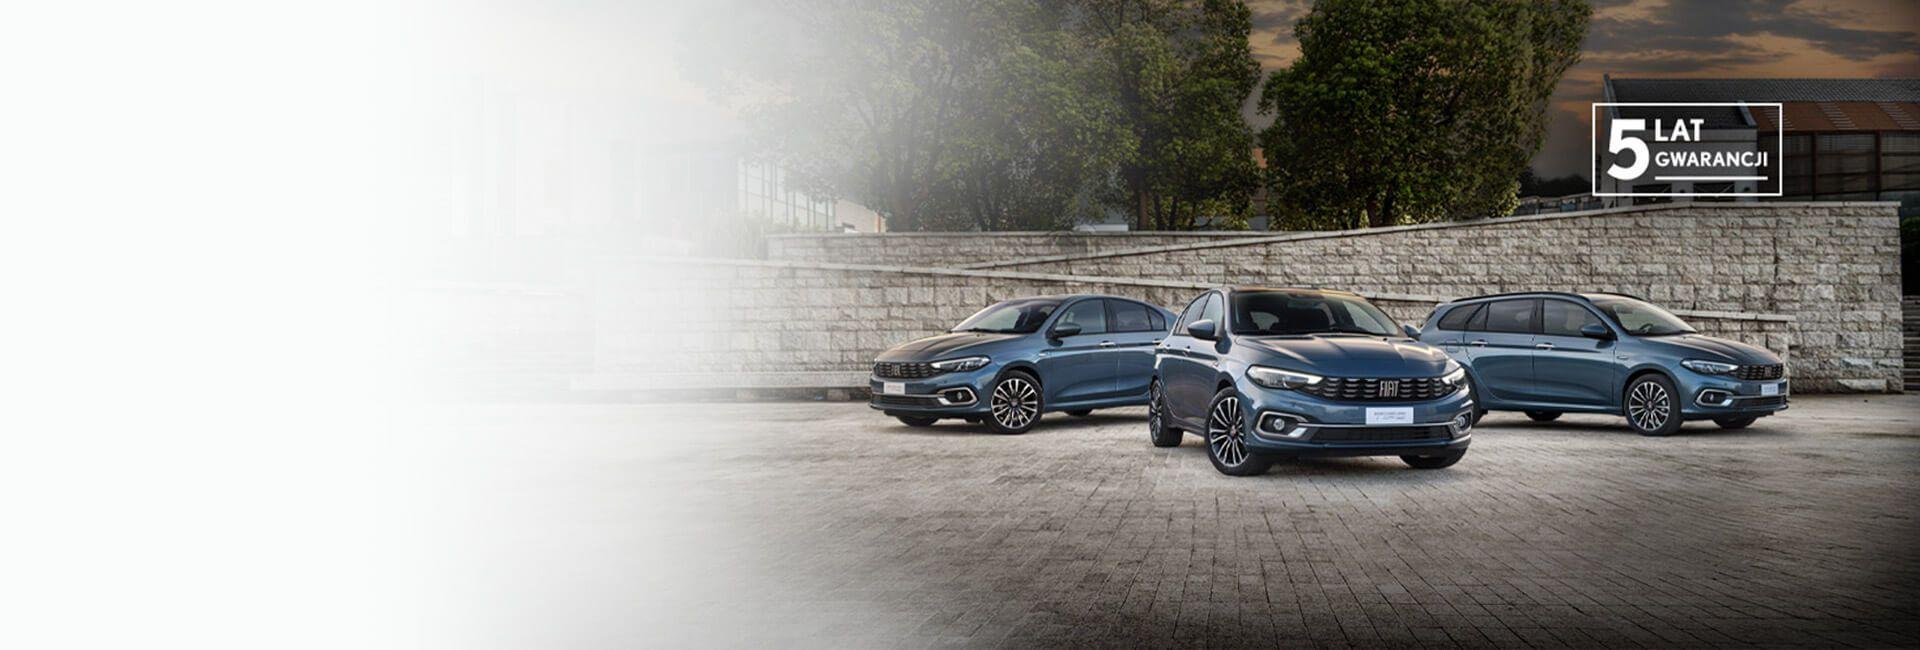 Fiat-Partner - Rodzina Tipo